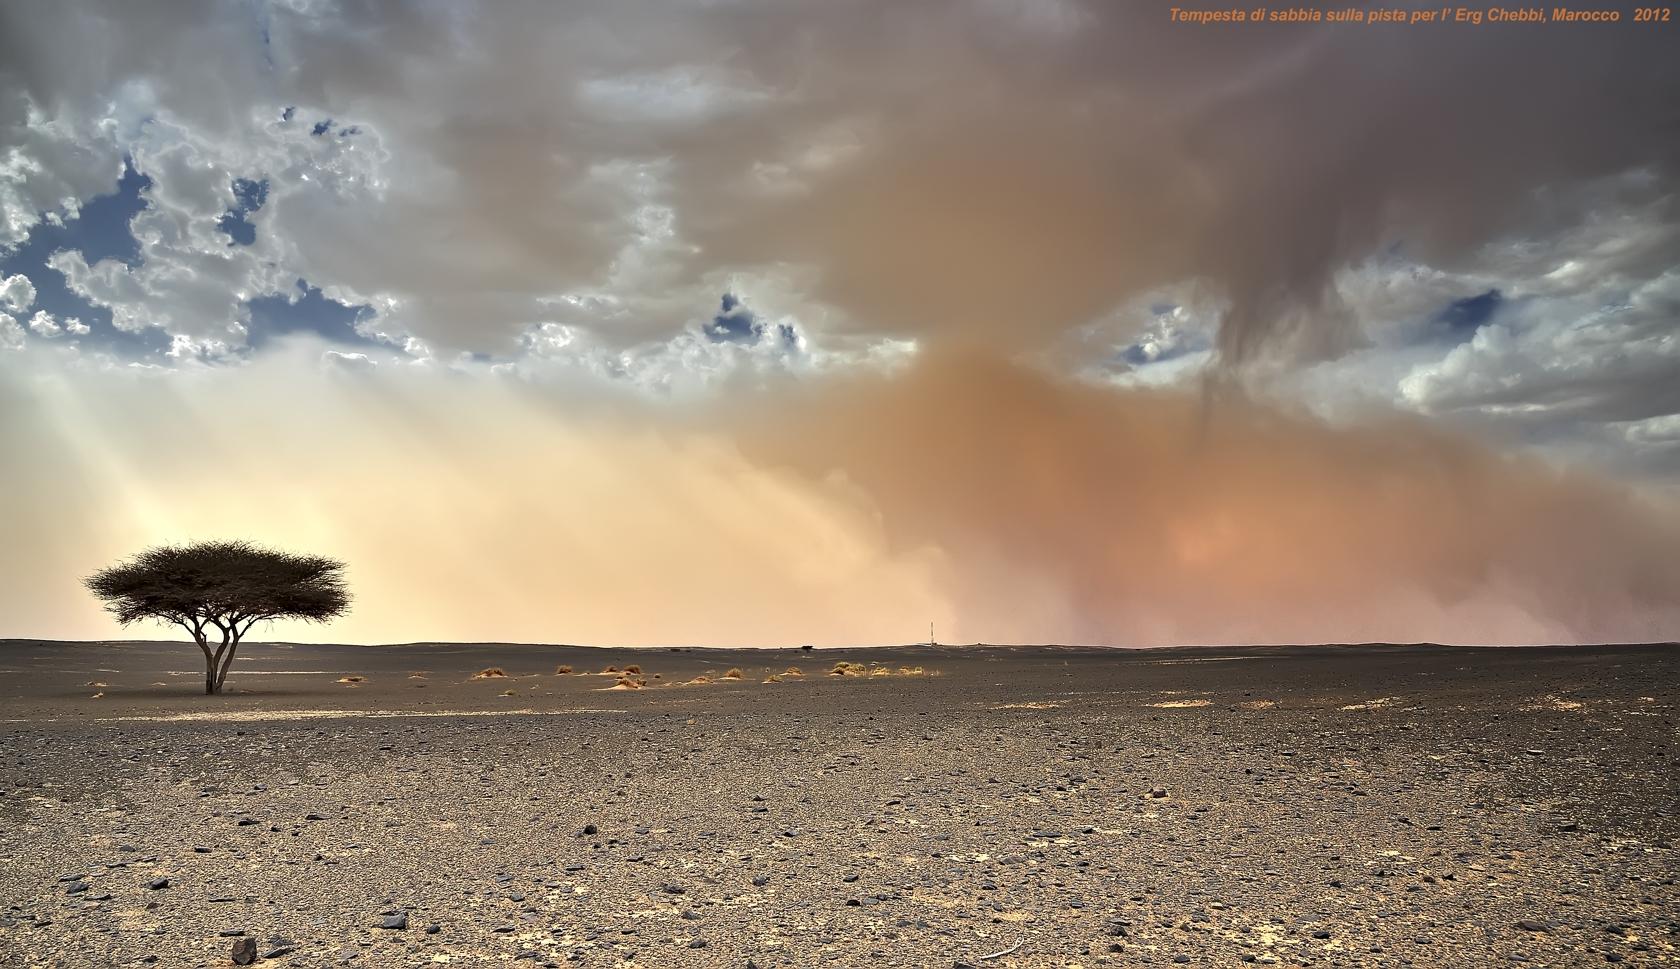 Tempesta di sabbia verso l'Erg Chebbi......